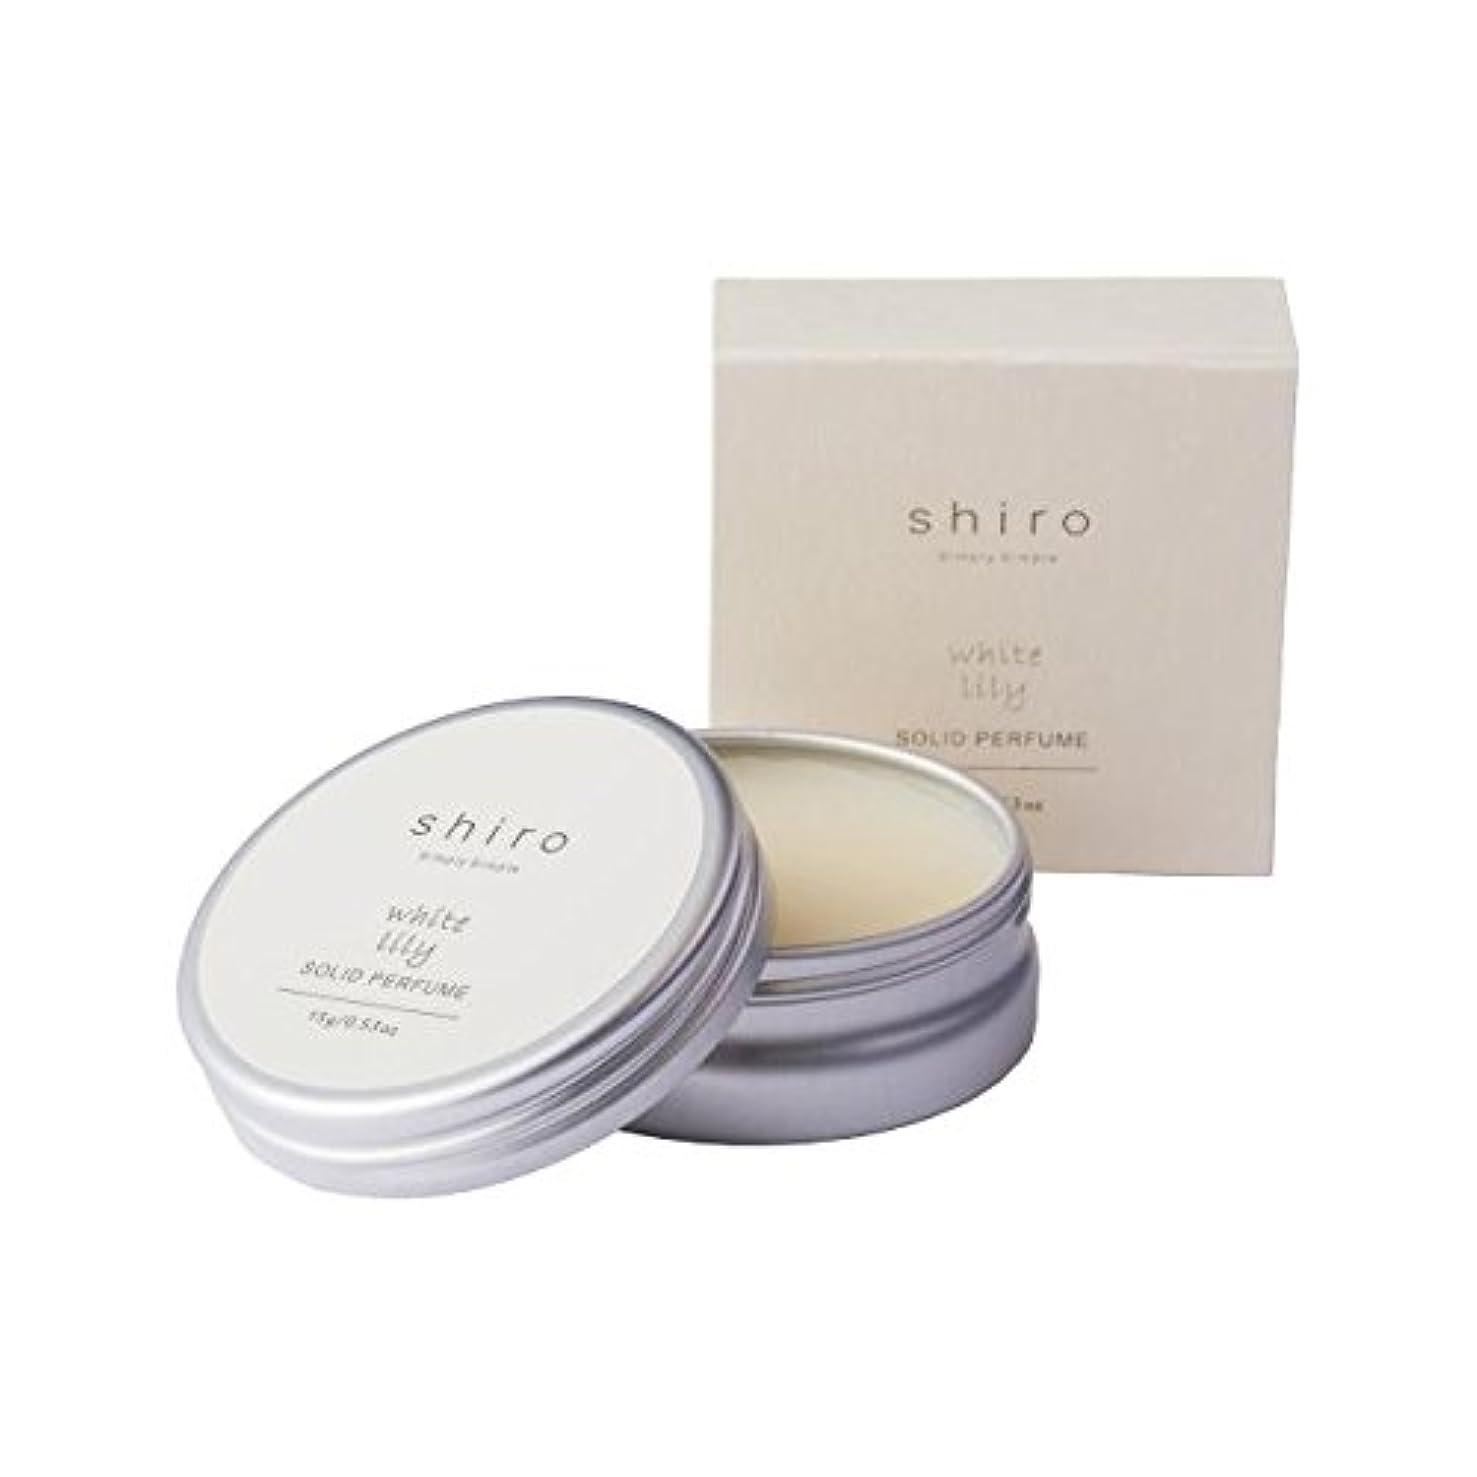 グラフィック以降アンデス山脈shiro ホワイトリリー シャンプーのような香り すっきりと清潔感 練り香水 シロ 固形タイプ フレグランス 保湿成分 指先の保湿ケア